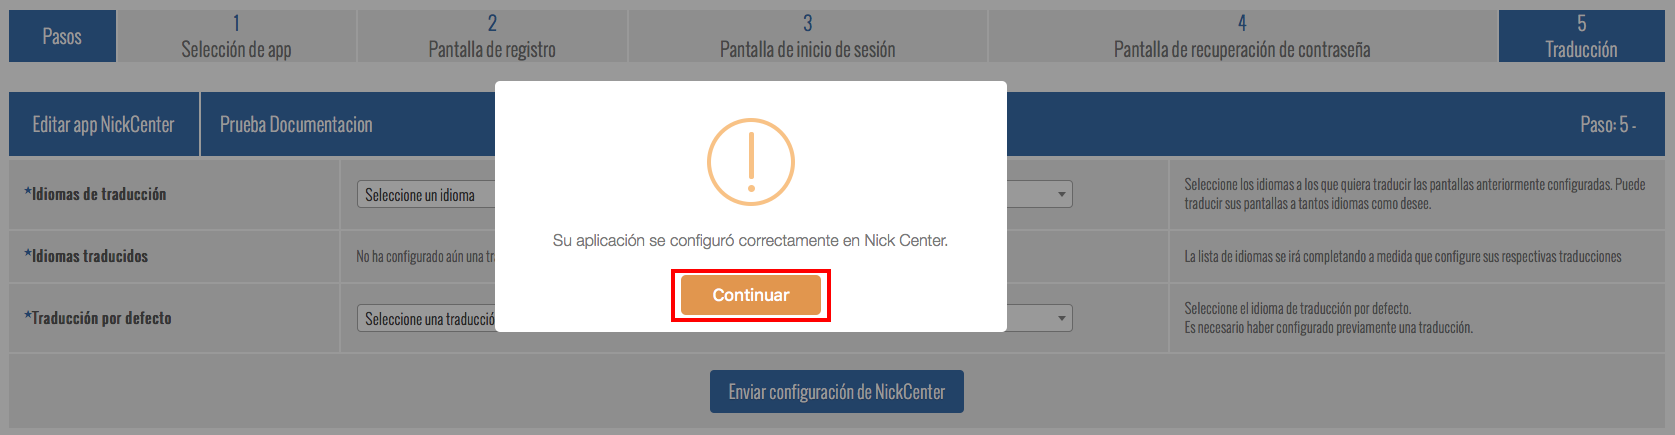 Configurar_app_nc_13.png